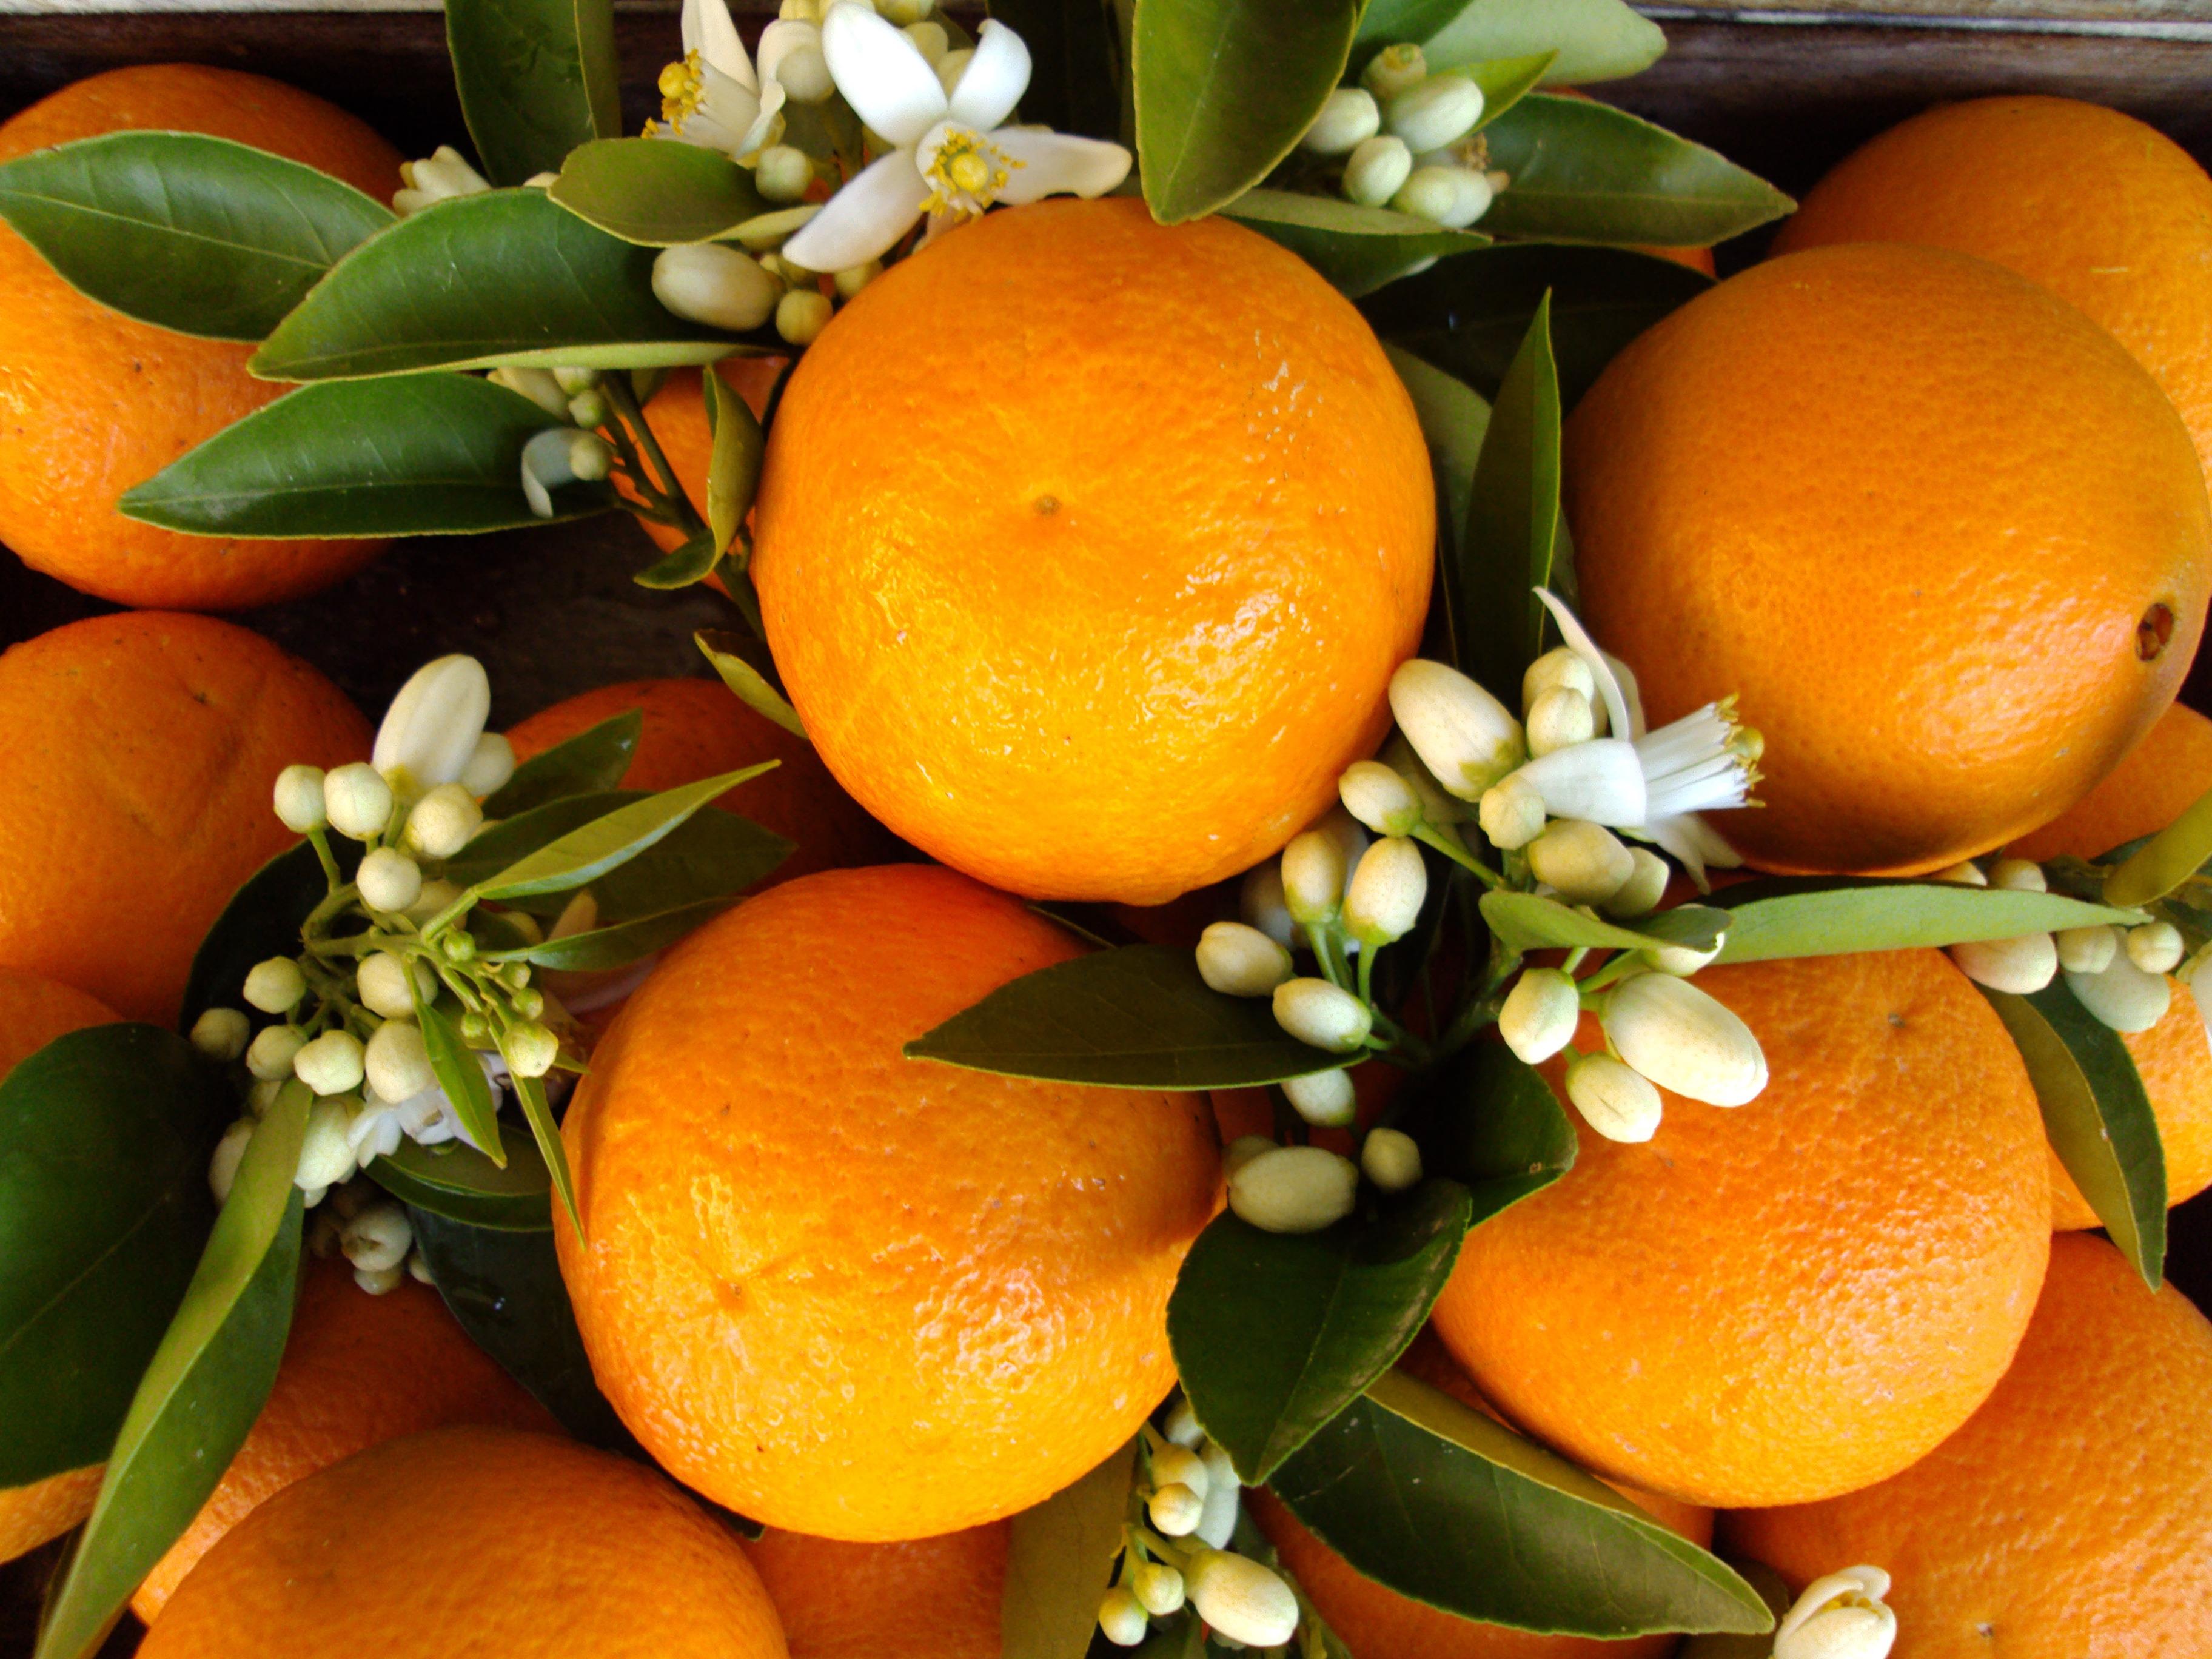 Апельсин Orange  № 2933073 загрузить